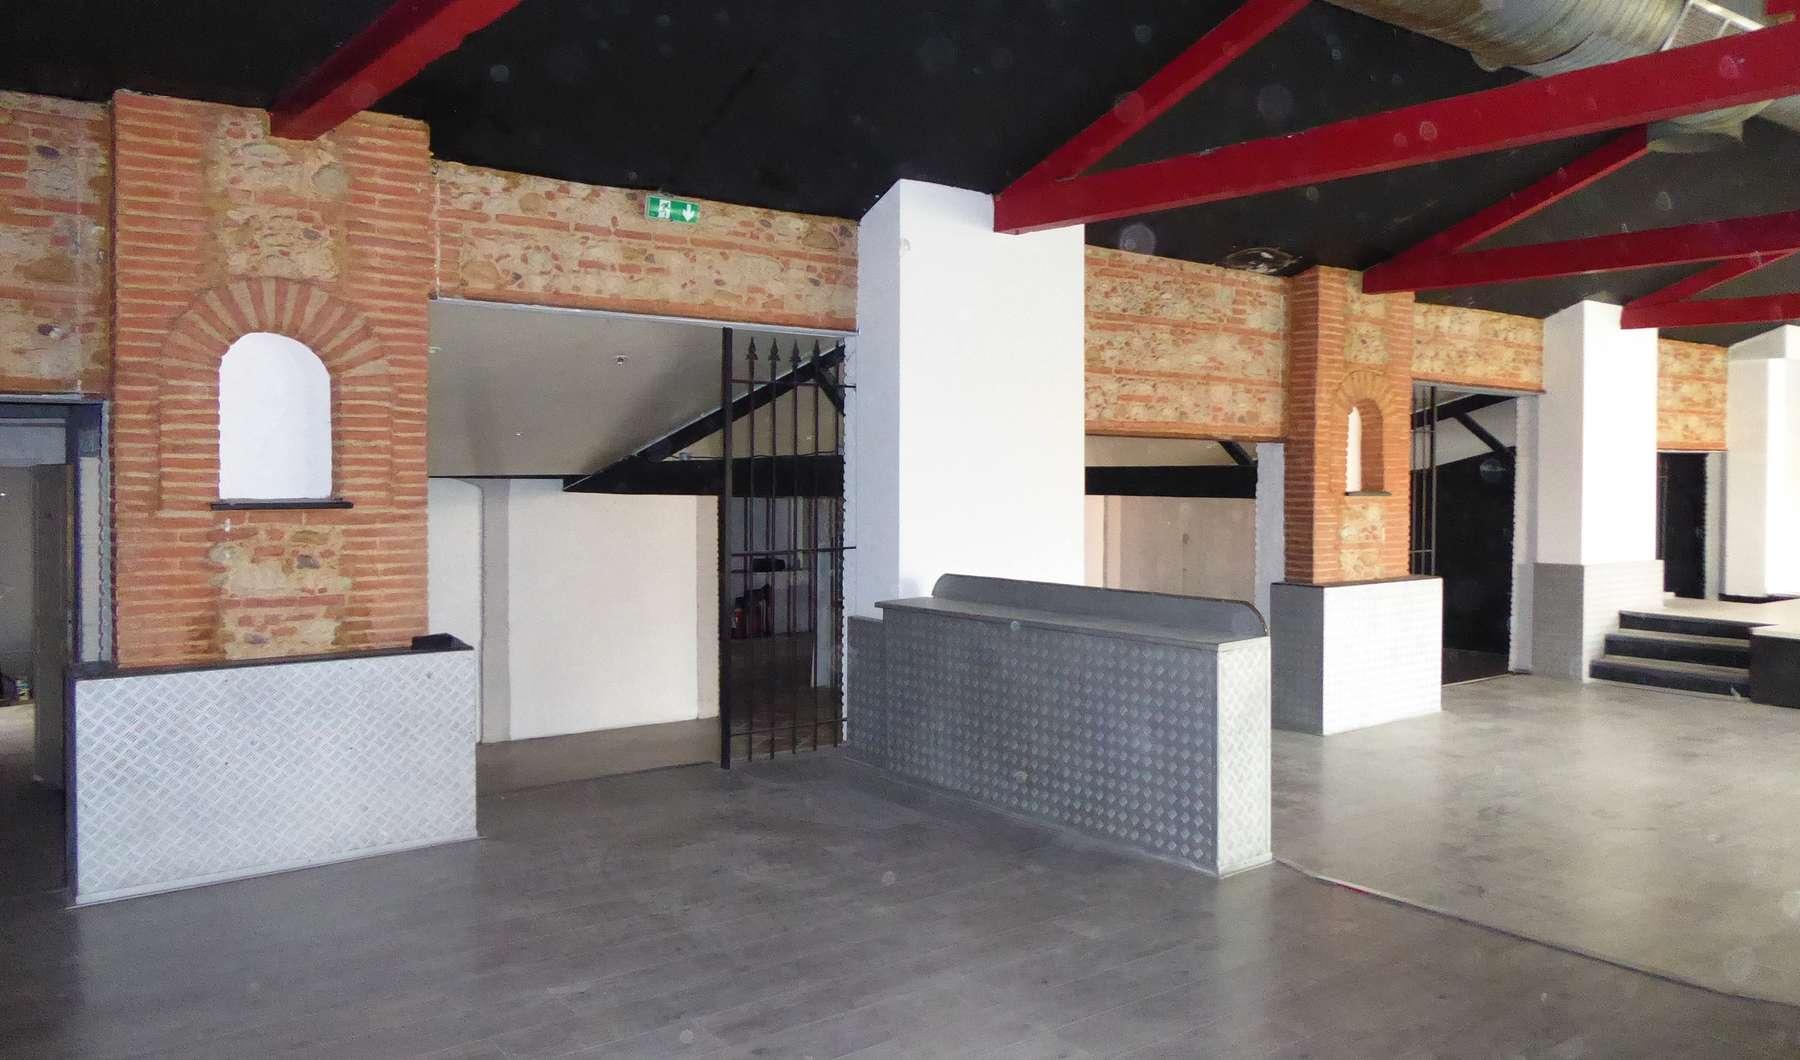 Vente Local commercial idéal pour Bureaux / Locaux professionnels, 200 m2 à Carcassonne sur un emplacement N°1 (11000)